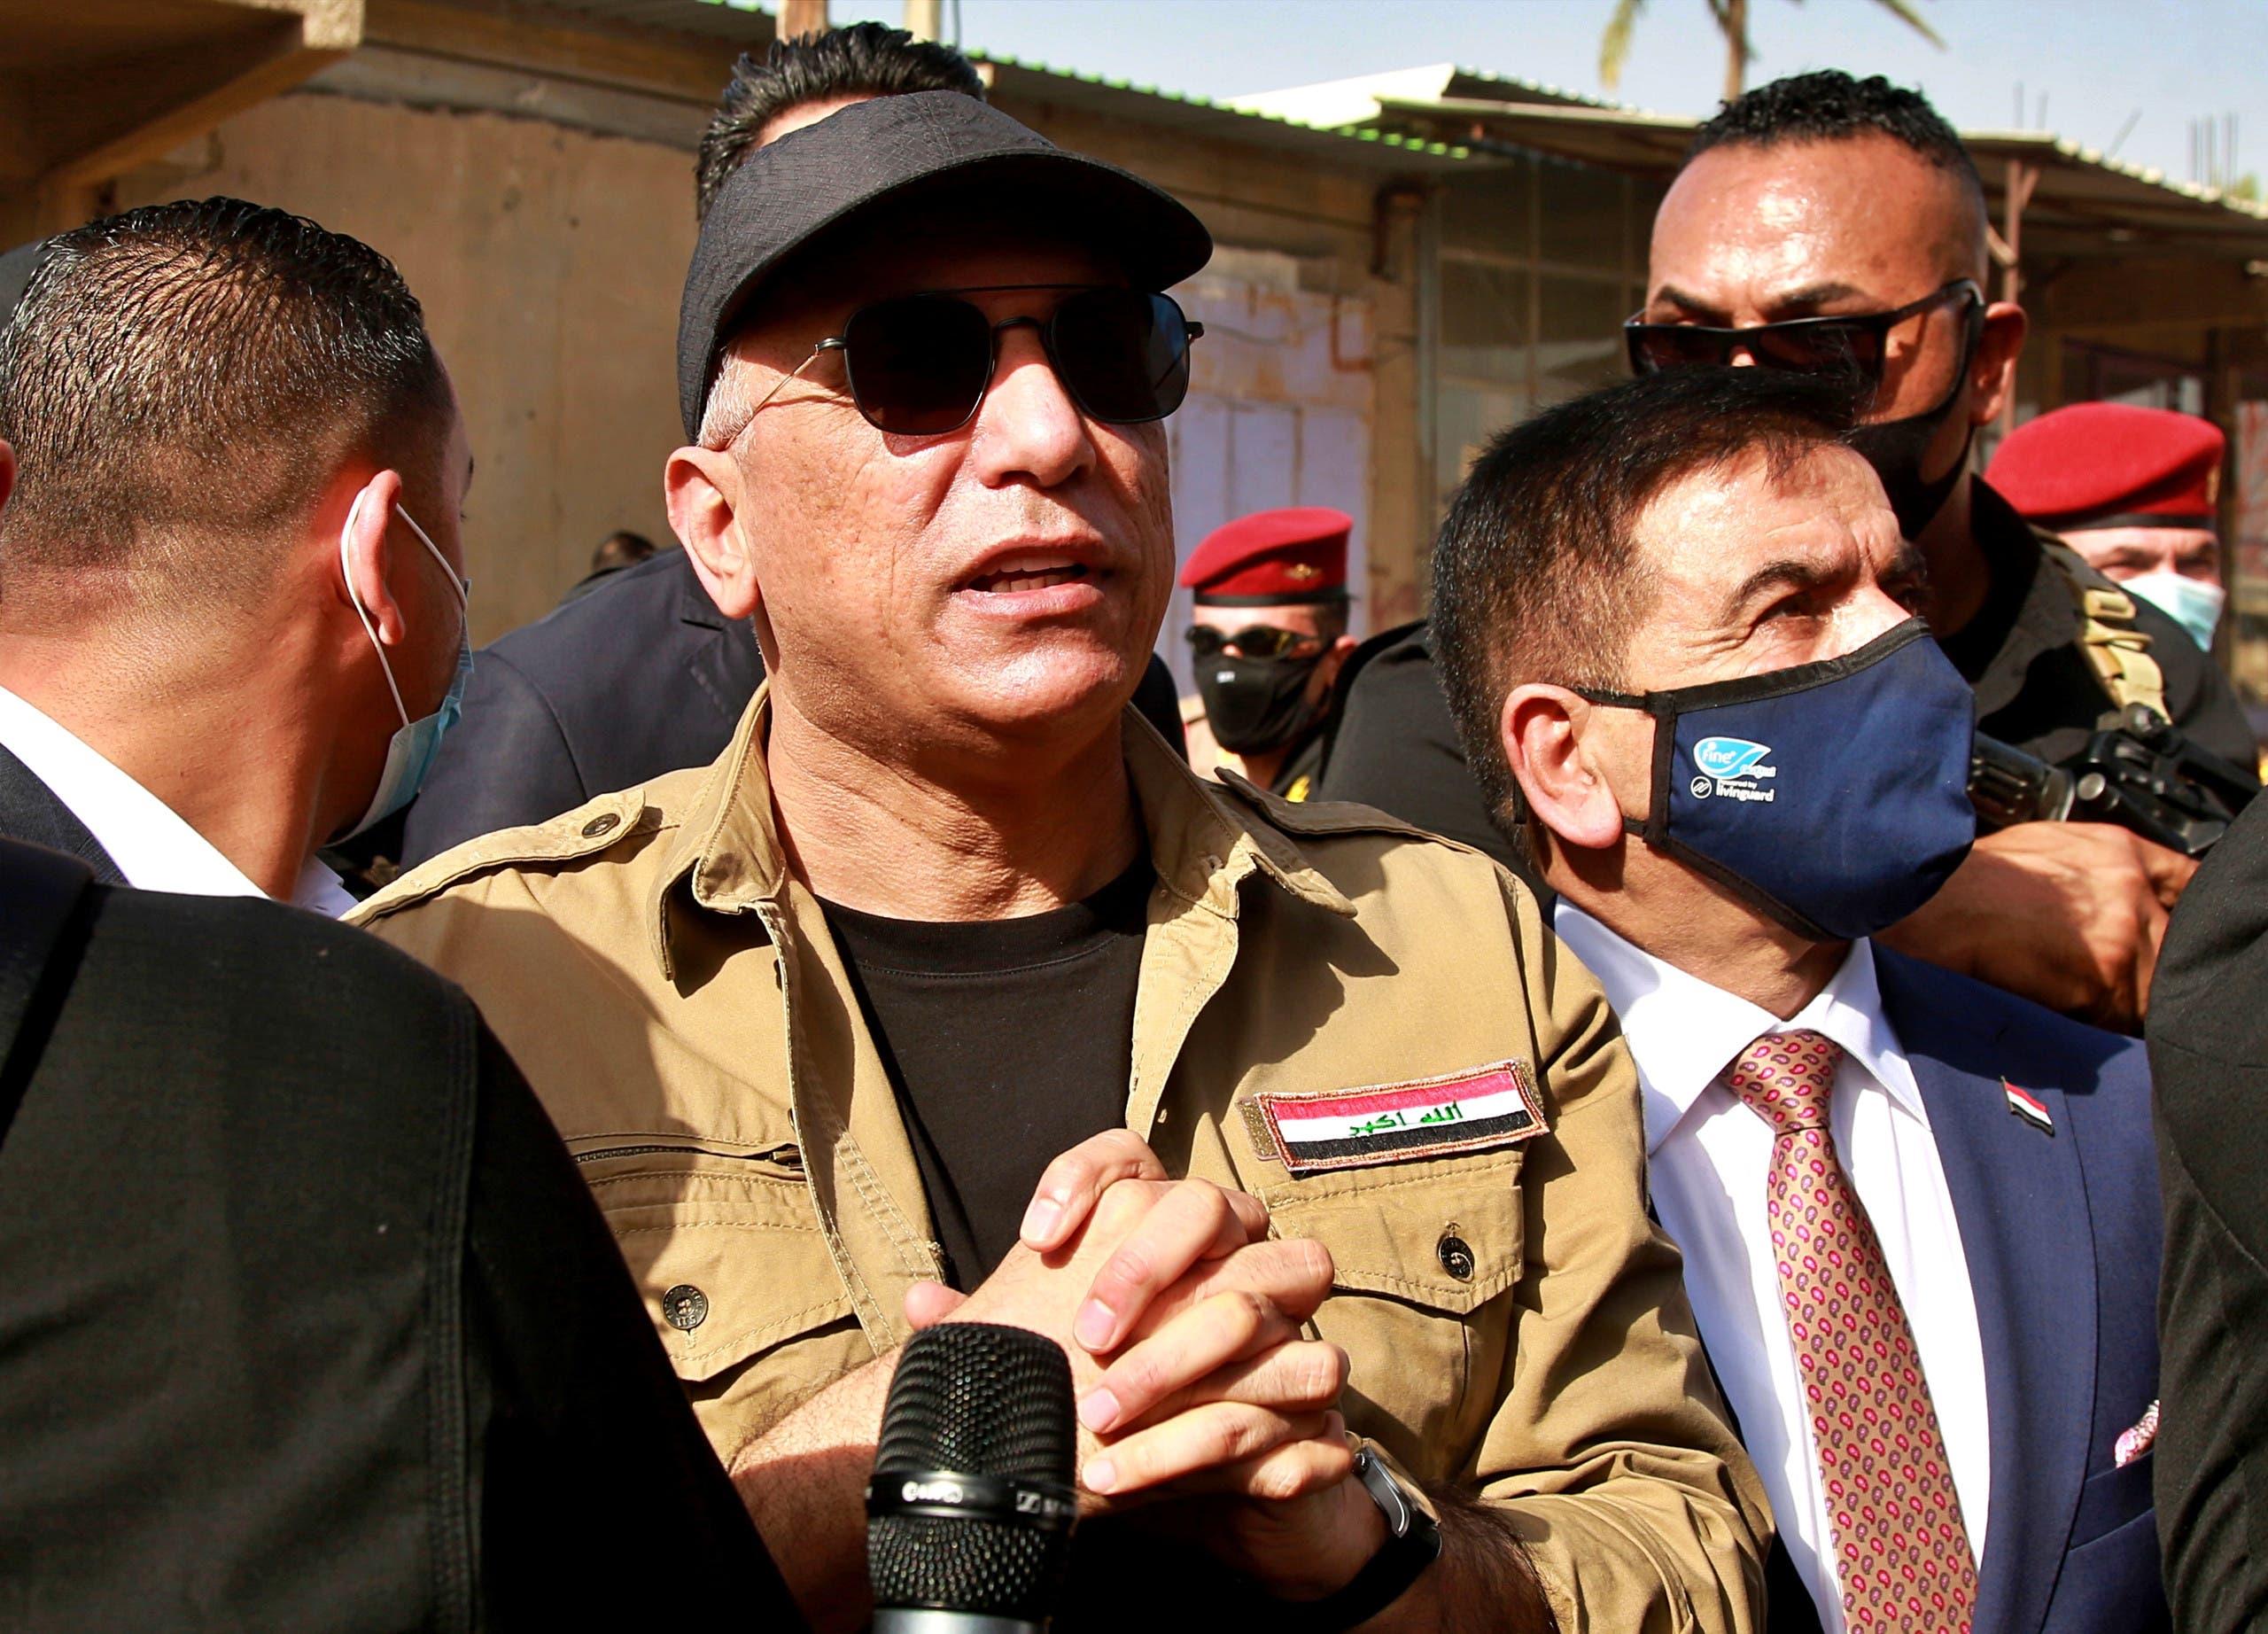 Iraqi Prime Minister Mustafa al-Kadhimi speaks to locals in Tarmiyah, Iraq July 20, 2020. (Reuters)